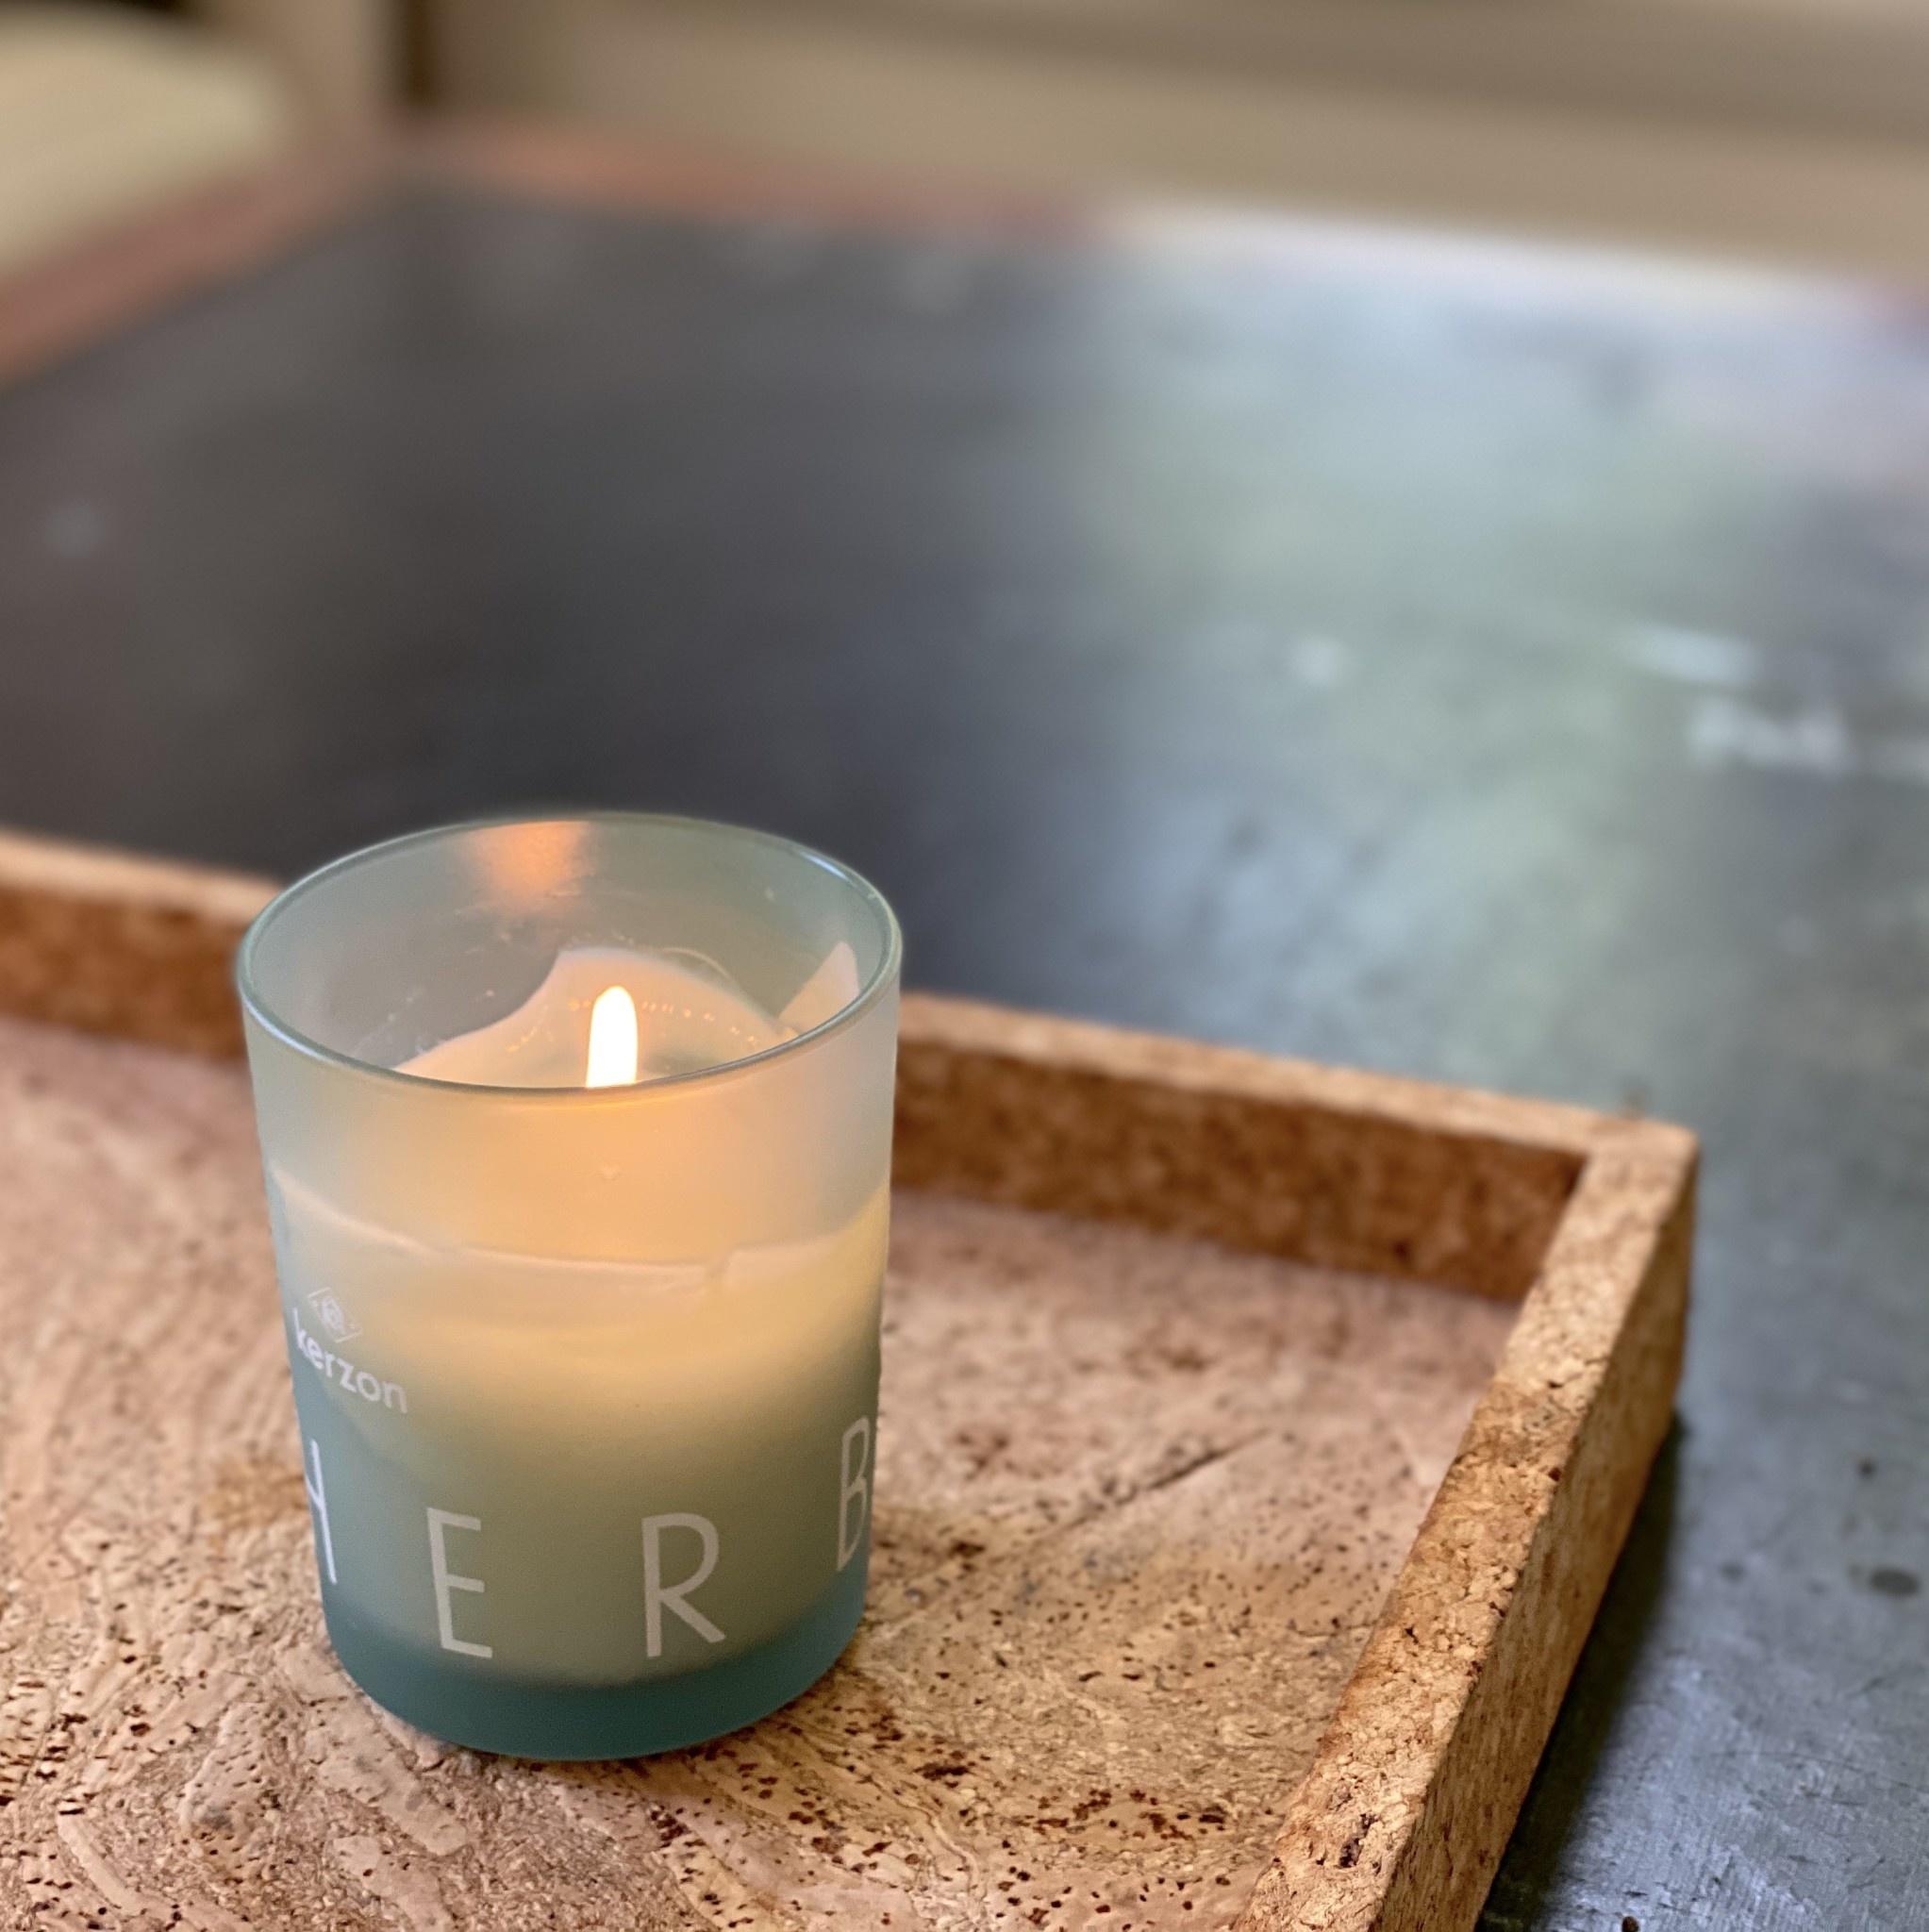 Kerzon Scented Candle - Place des Vosges